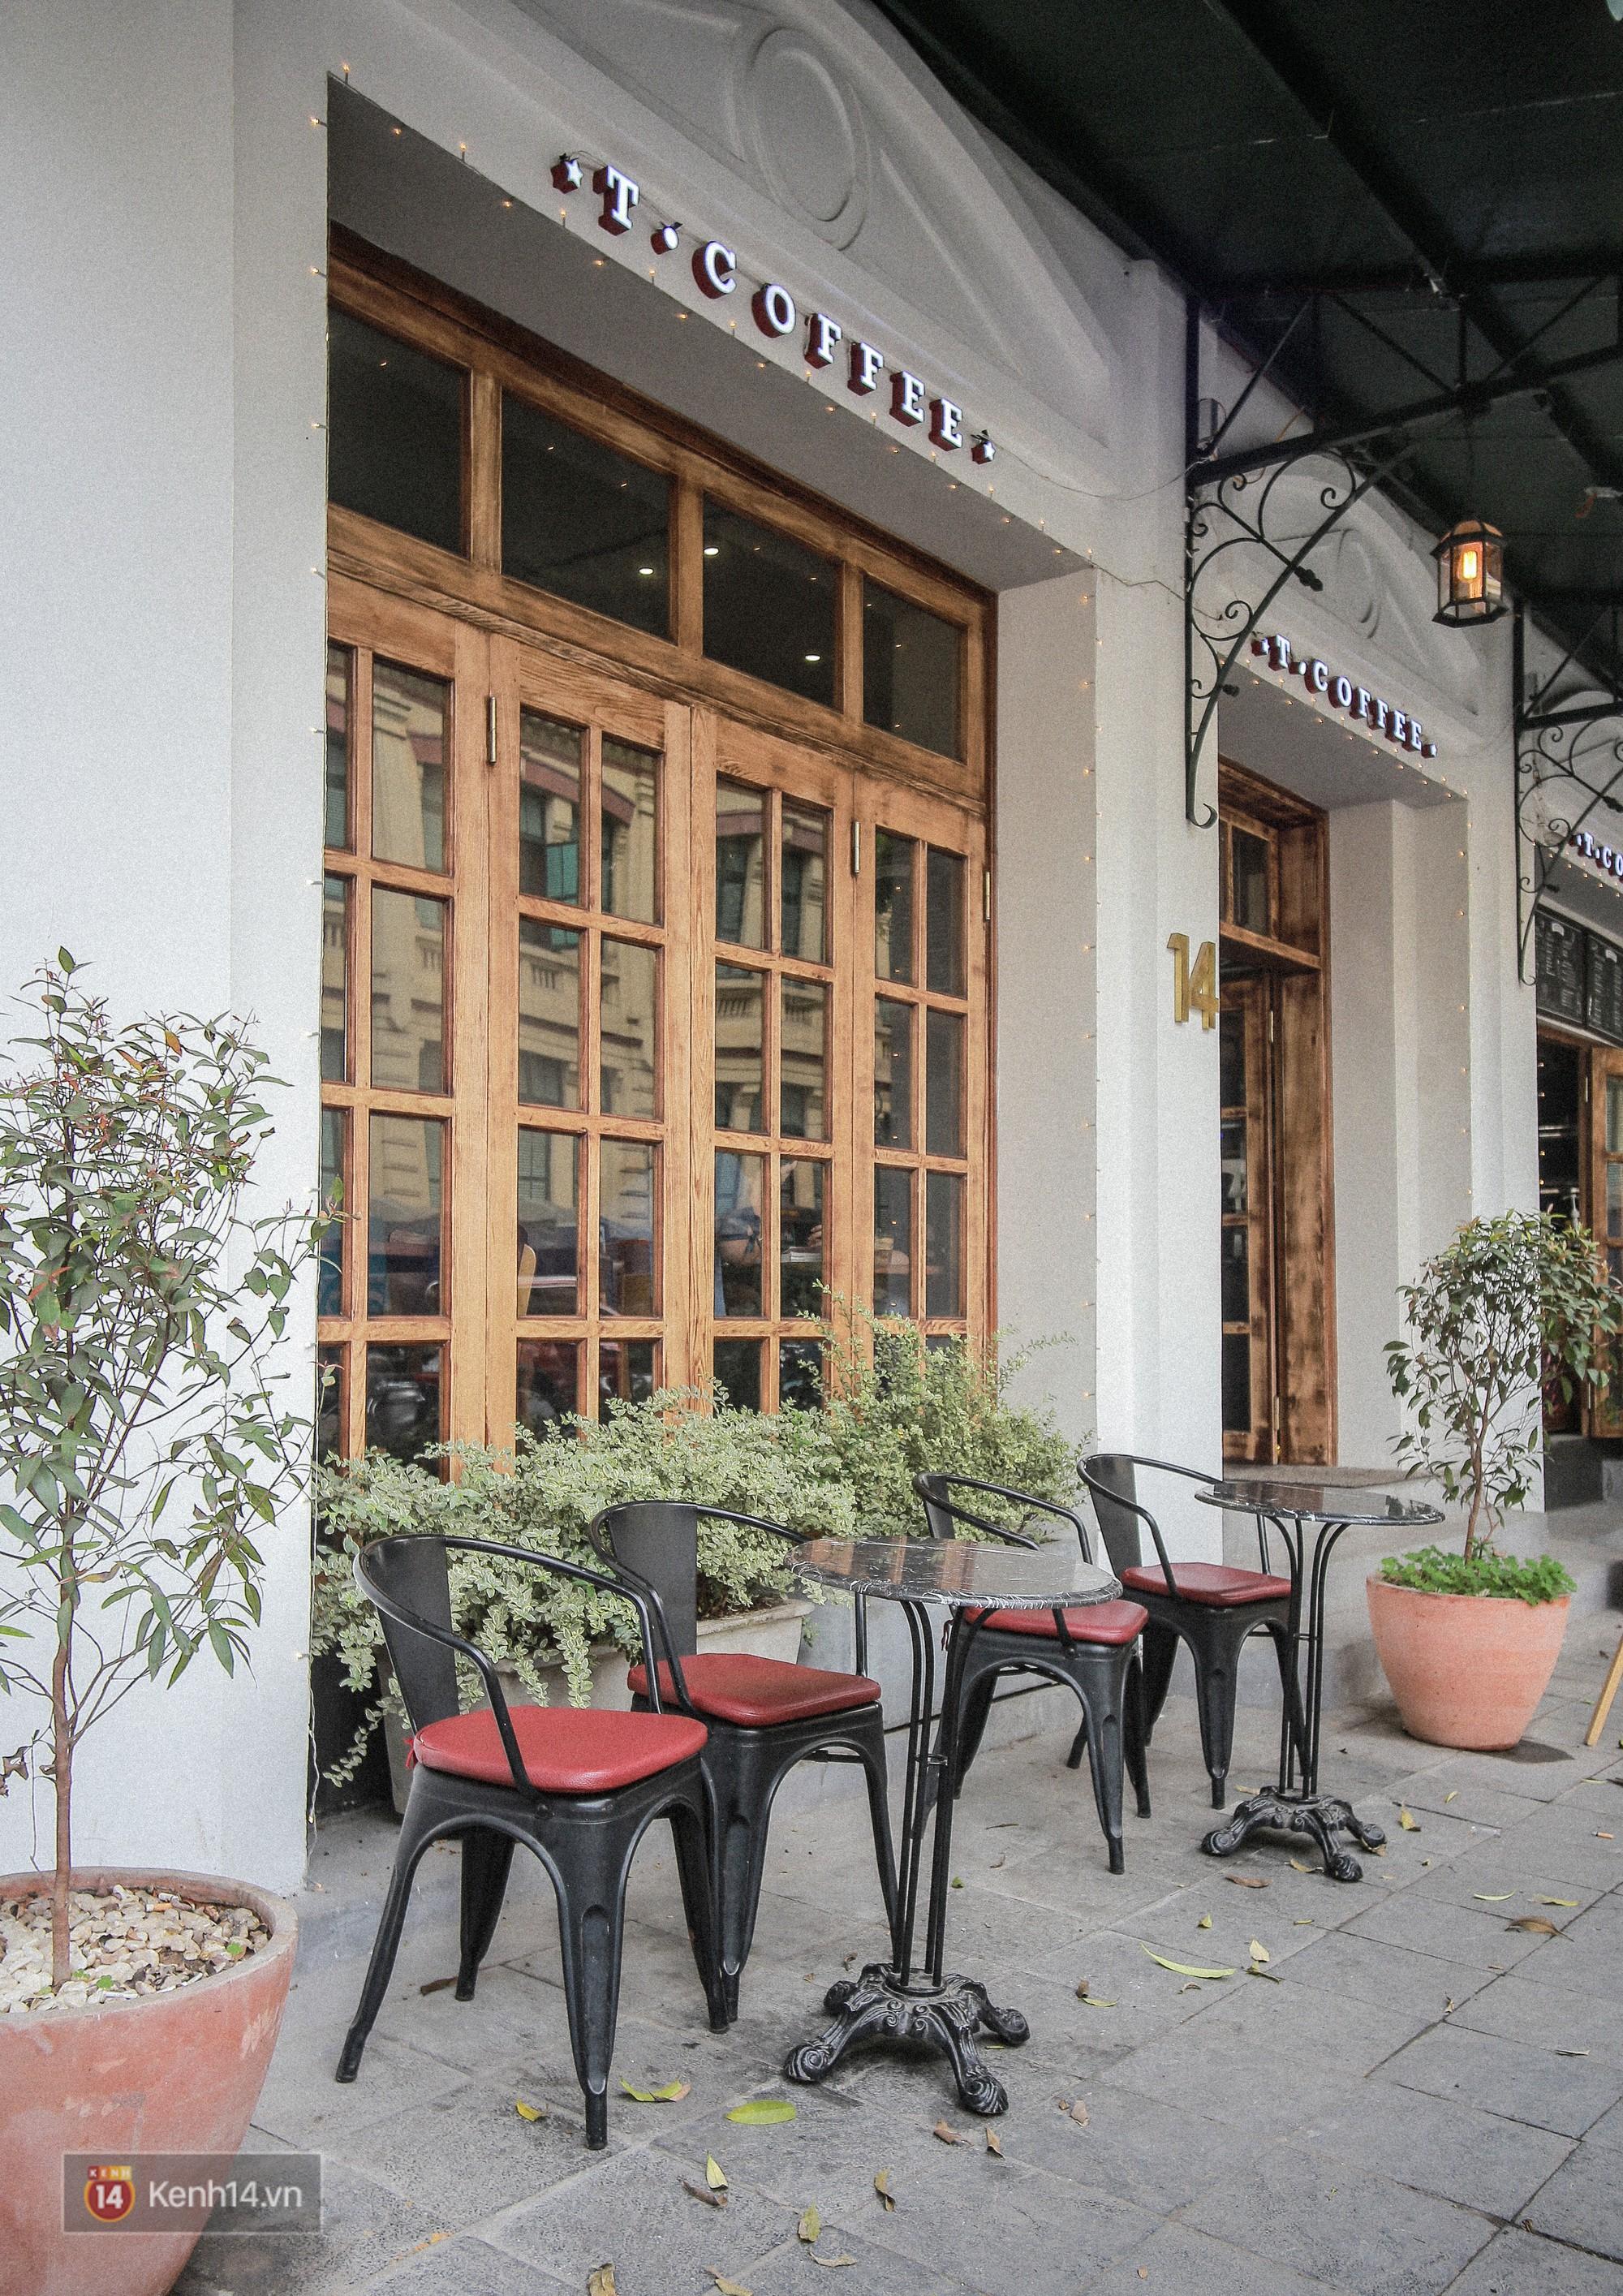 Các quán cà phê mở trong building: Không chỉ tiện, mà còn rất xinh để chụp hình sống ảo - Ảnh 9.